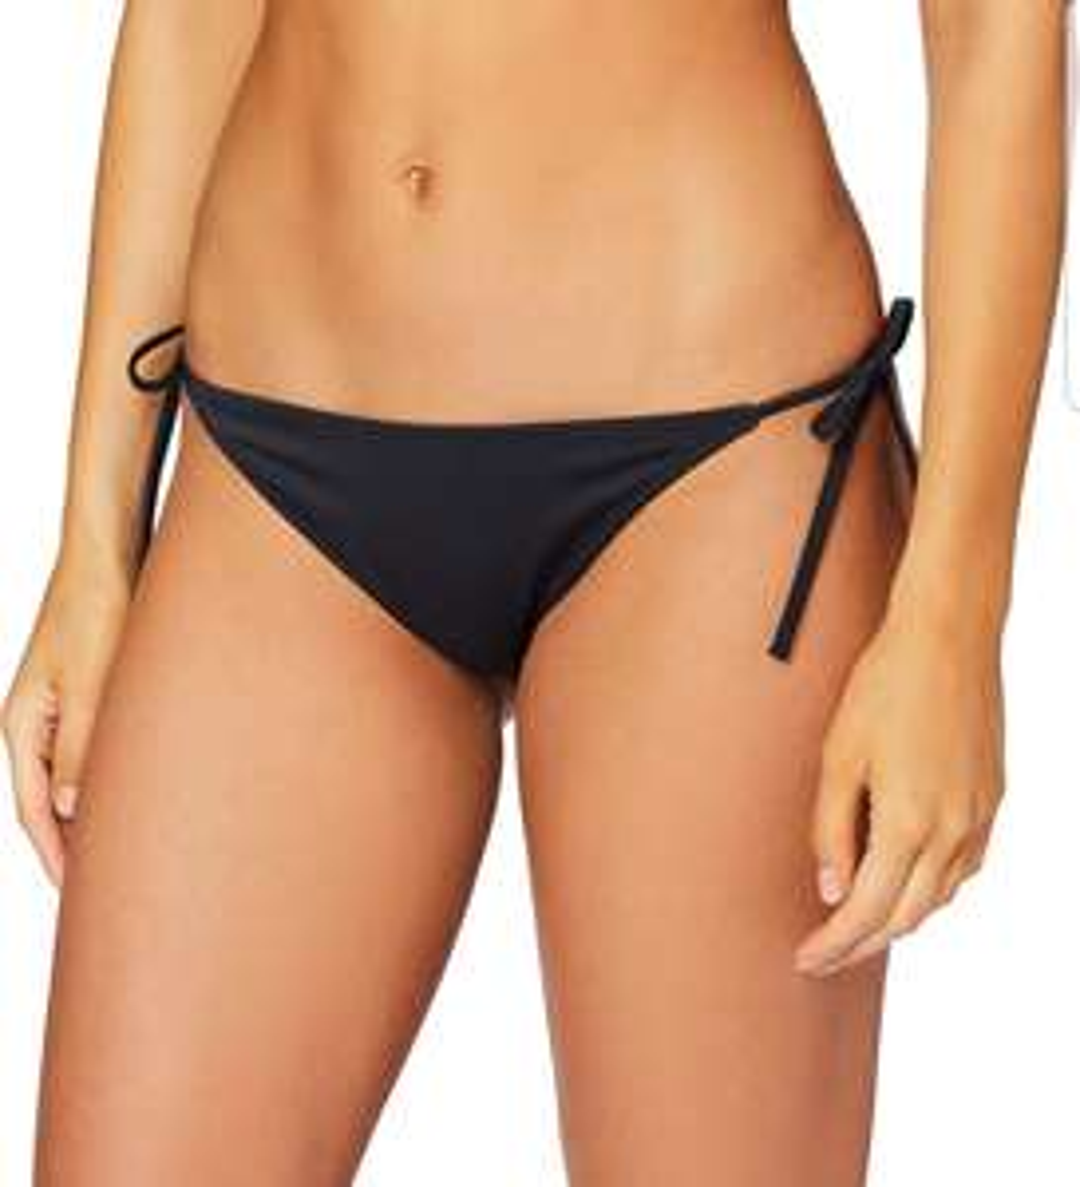 Calvin Klein Vrouwen Bikini Bottoms CHEEKY STRING SIDE TIE zwart bikini broekje voor dames maat L 5,79 bij Amazon.nl